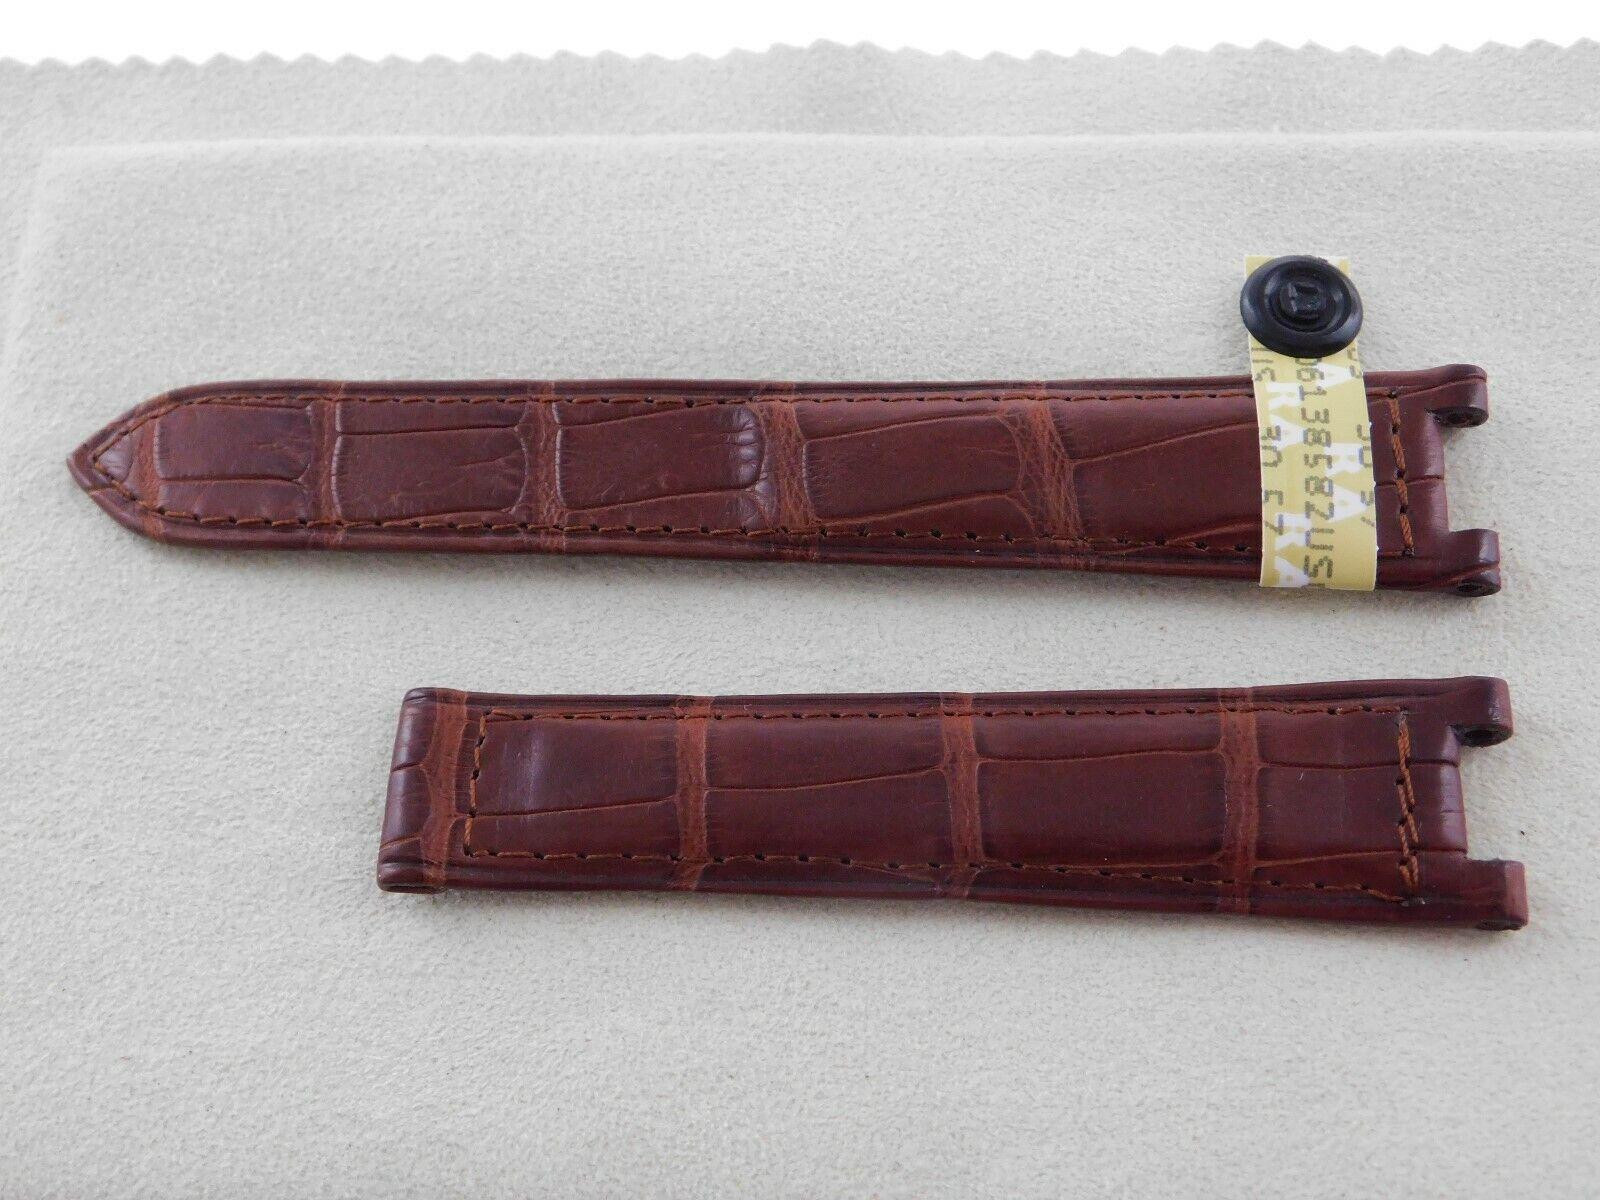 Neu  Original Cartier echt Louisiana ALLIGATOR Armband braun 18,5 - 16,5 mm Pasha